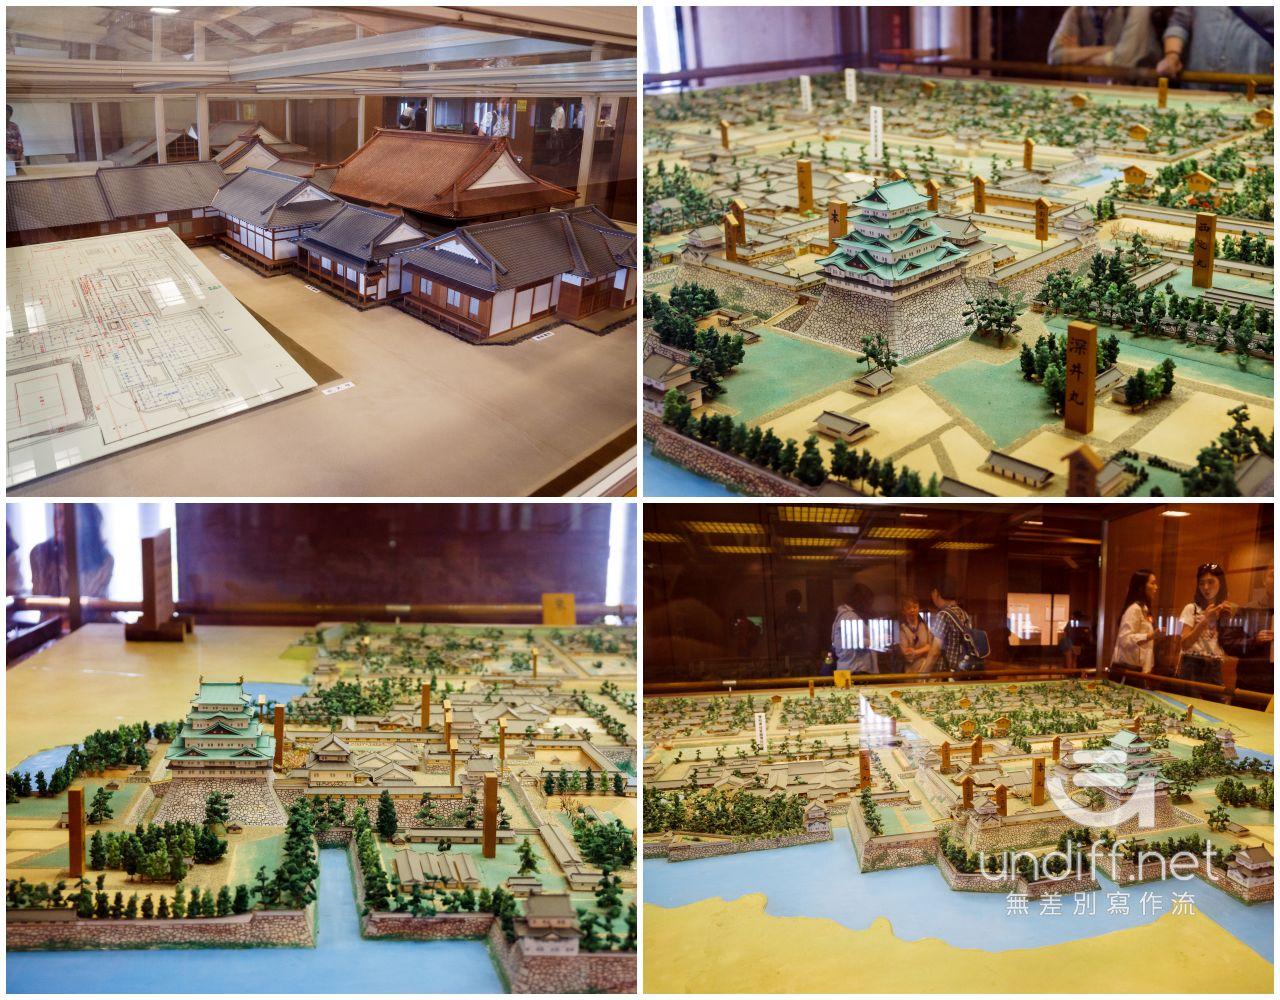 【名古屋景點】名古屋城 》天守閣、本丸御殿與金鯱 76